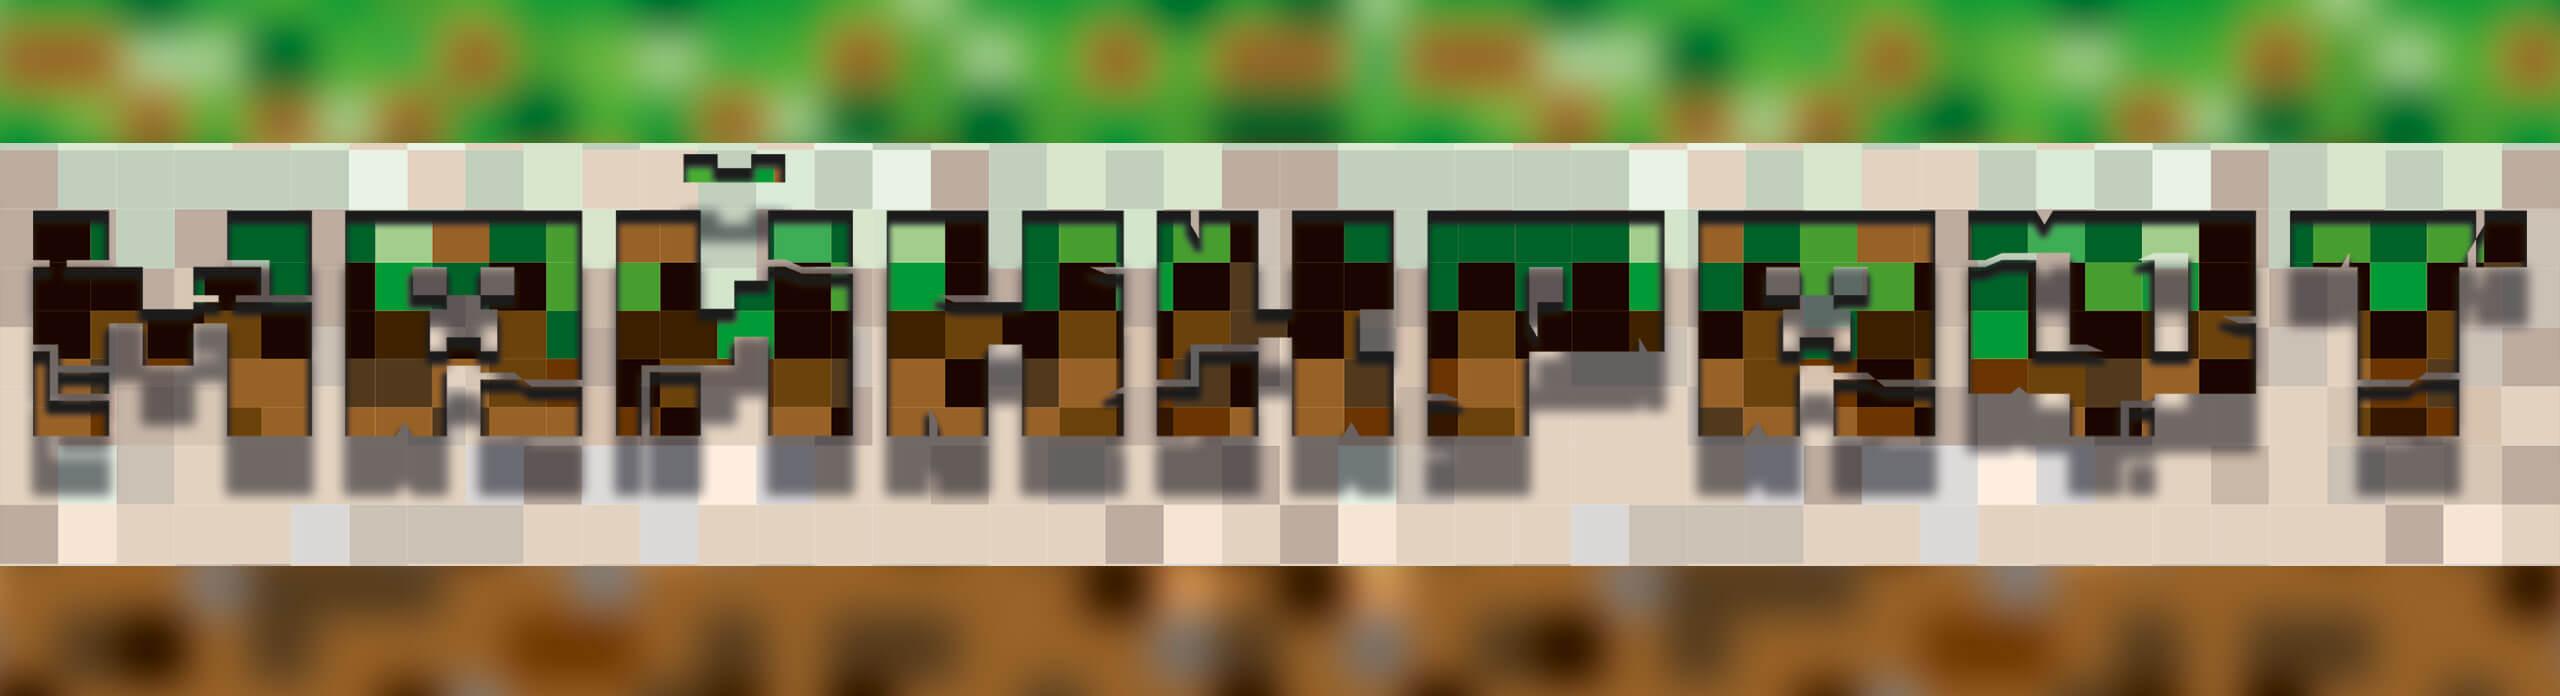 Картинка шапка для ютуба майнкрафт с надписью коричневыми и зелёными буквами